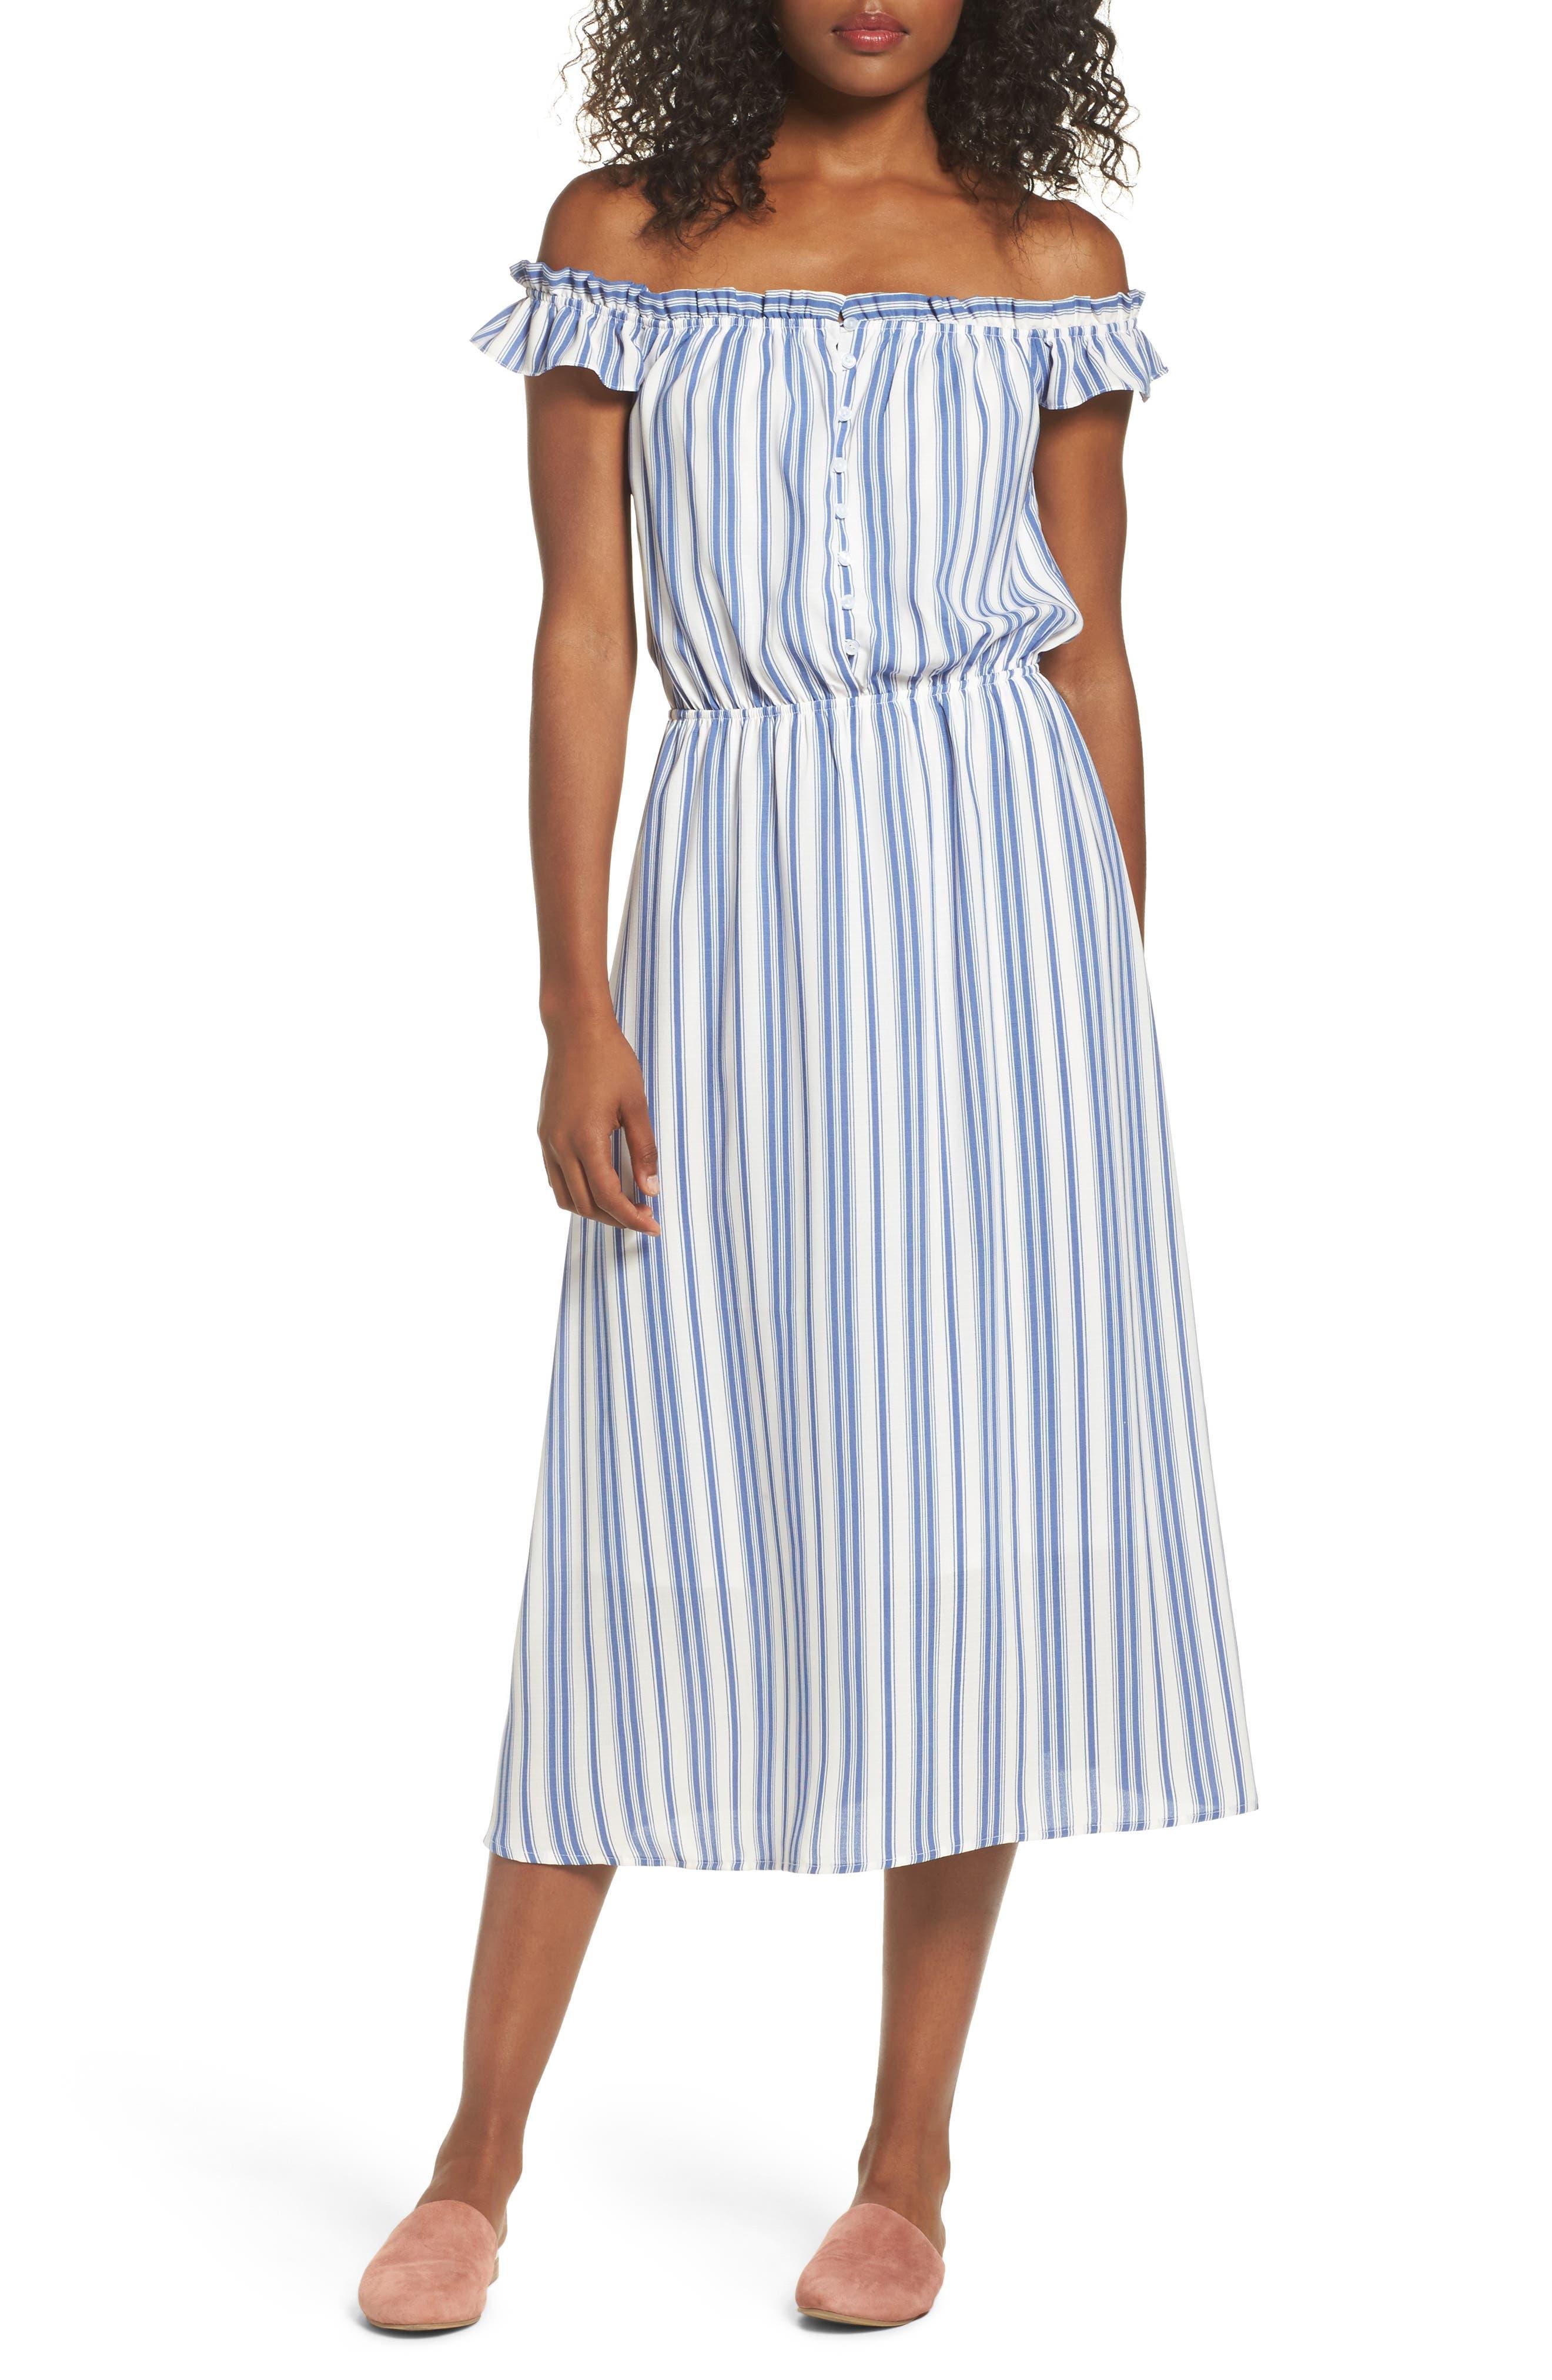 Fraiche by J Prairie Off the Shoulder Dress